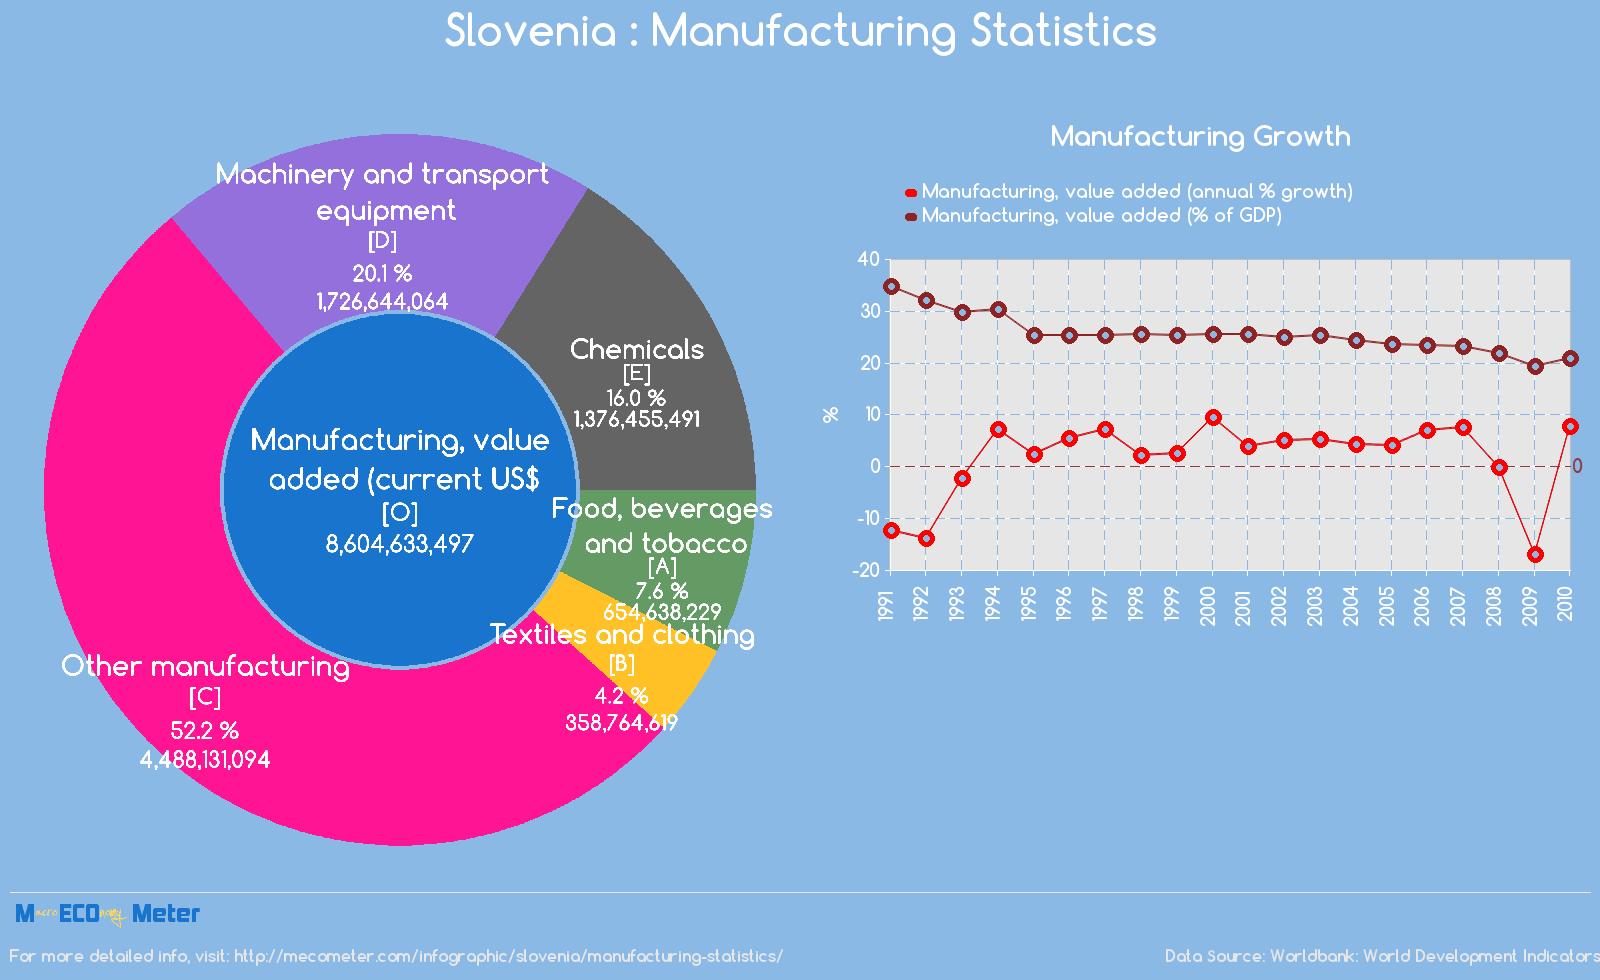 Slovenia : Manufacturing Statistics